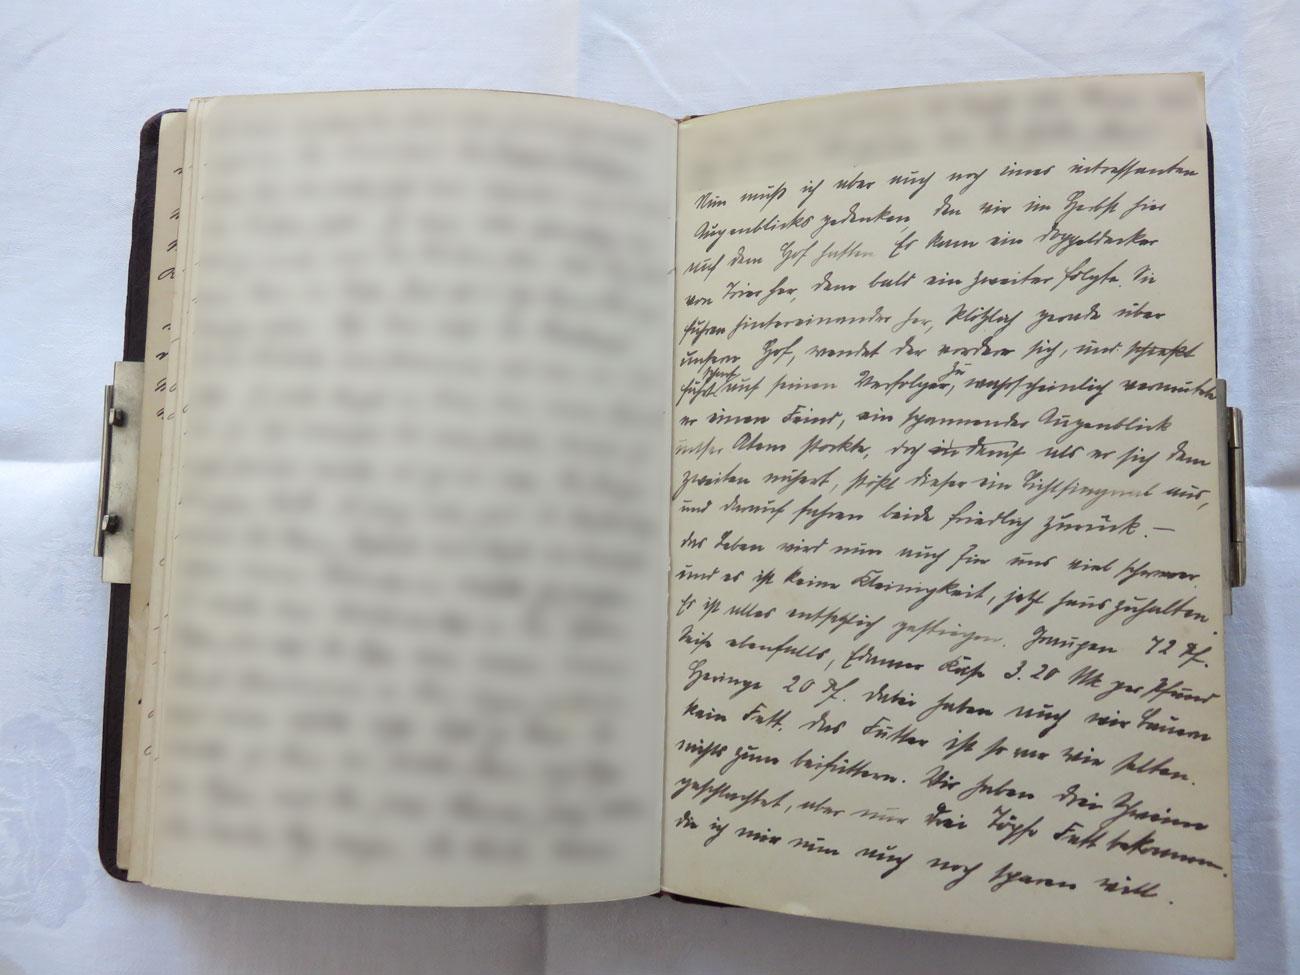 """Extrait du journal intime de / Ausschnitt aus dem Tagebuch von Hedwig Schmitz-Fürstenberg, 1912-1916 © Hedwig Schmitz-Fürstenberg [...] """"Nun muss ich aber auch noch eines interessanten Augenblicks gedenken, den wir im Herbst hier auf dem Hof hatten. Es kam ein Doppeldecker von Trier her, dem bald ein 2. folgte. Sie flogen hintereinander. Plötzlich, gerade über unserem Hof wendet der vordere sich und fliegt auf seinen Verfolger zu. Wahrscheinlich vermutete er einen Feind, ein spannender Augenblick, unser Atem stockte. Doch als er sich dem 2. näherte stößt dieser ein Lichtsignal aus, und darauf fuhren beide friedlich zurück.  Das Leben wird nun auch für uns viel schwerer und es ist keine Kleinigkeit jetzt Haus zu halten. Die Preise sind entsetzlich gestiegen: Graupe: 72 Pfennig, Seife ebenfalls, Edamer Käse: 3,2 Mark/Pfund, Heringe: 20 Pfennig. Dabei haben auch wir Bauern kein Fett, das Futter ist so rar wie selten. Nichts zum Beifüttern. Wir haben 3 Schweine geschlachtet aber nur 3 Töpfe Fett bekommen, die ich mir nun auch noch sparen will."""" [...]"""